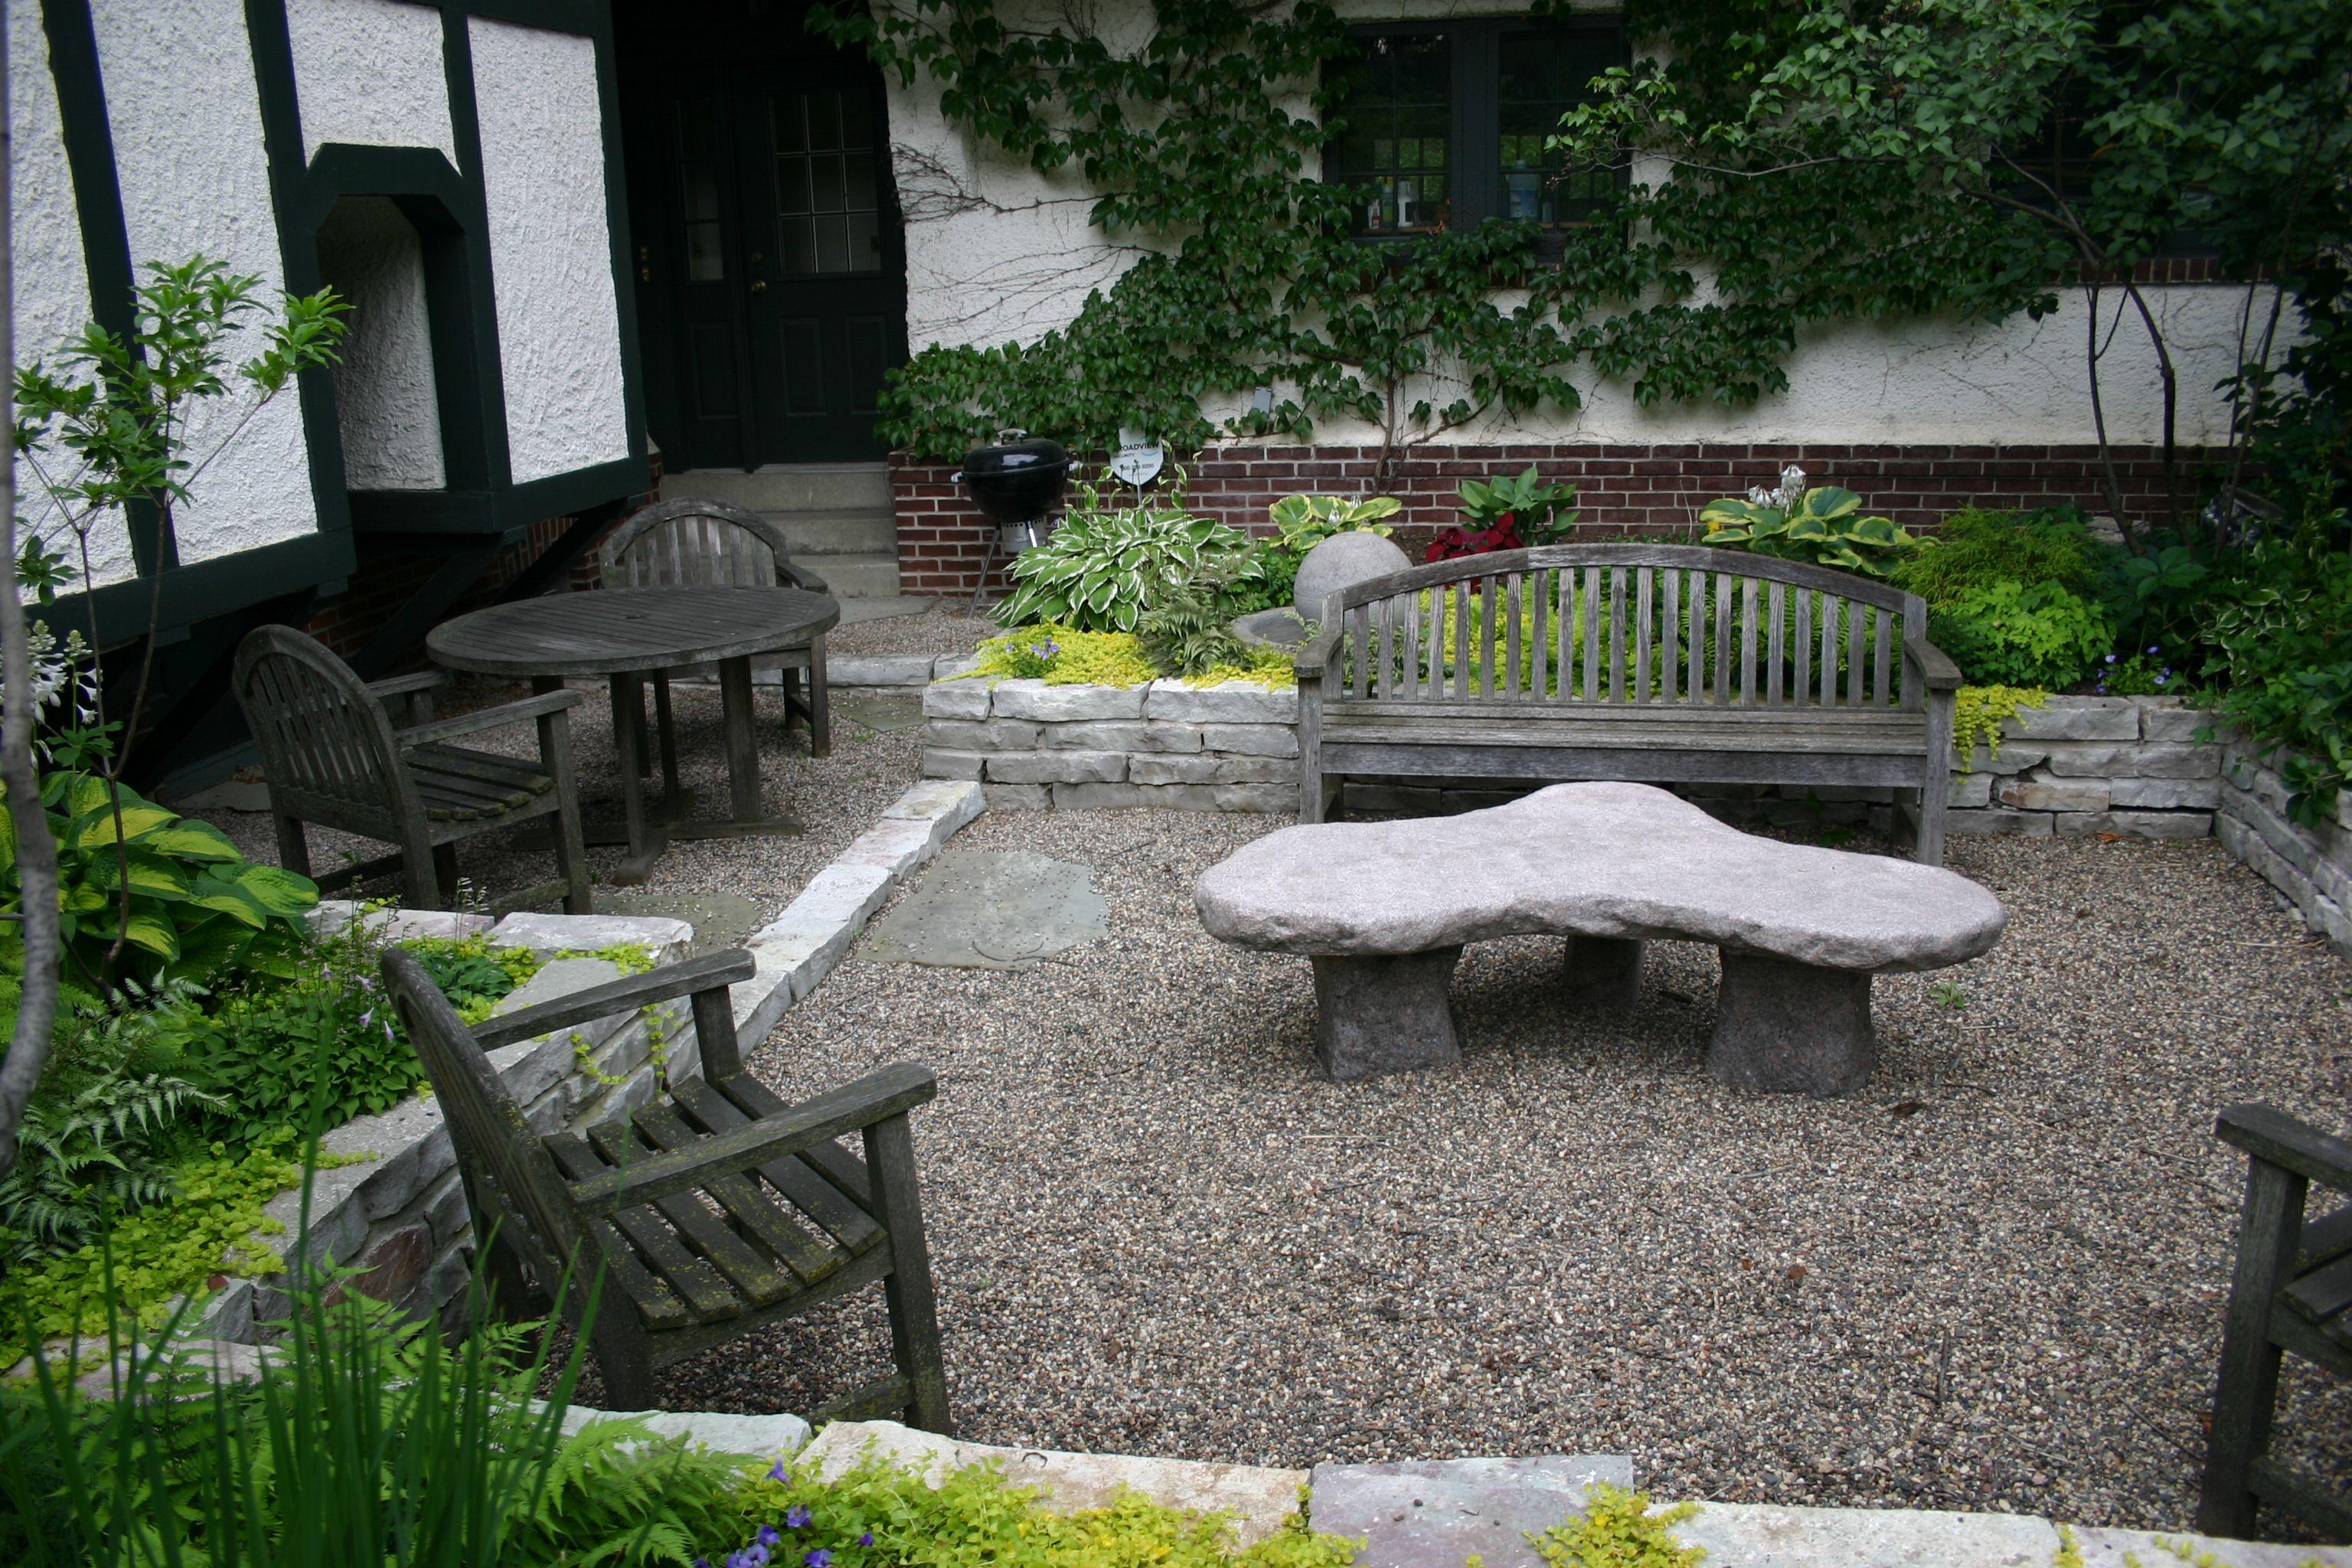 Sunked gravel patio | Gravel patio, Pea gravel patio, Patio